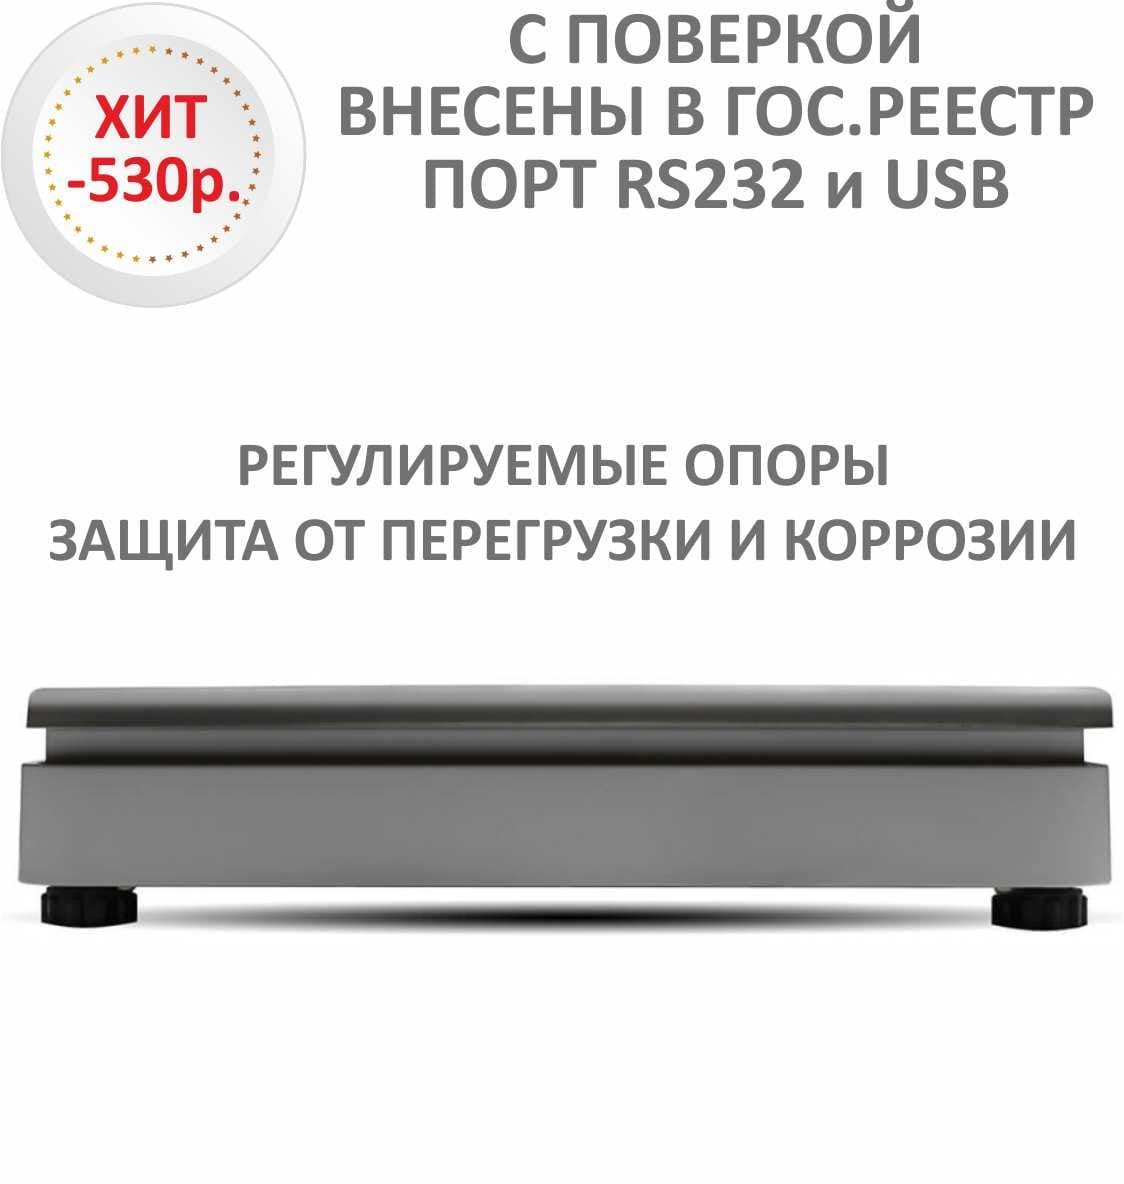 Весы торговые настольные M-ER 222 F-15.2/32.5 Connect LCD RS232 USB - вид сзади